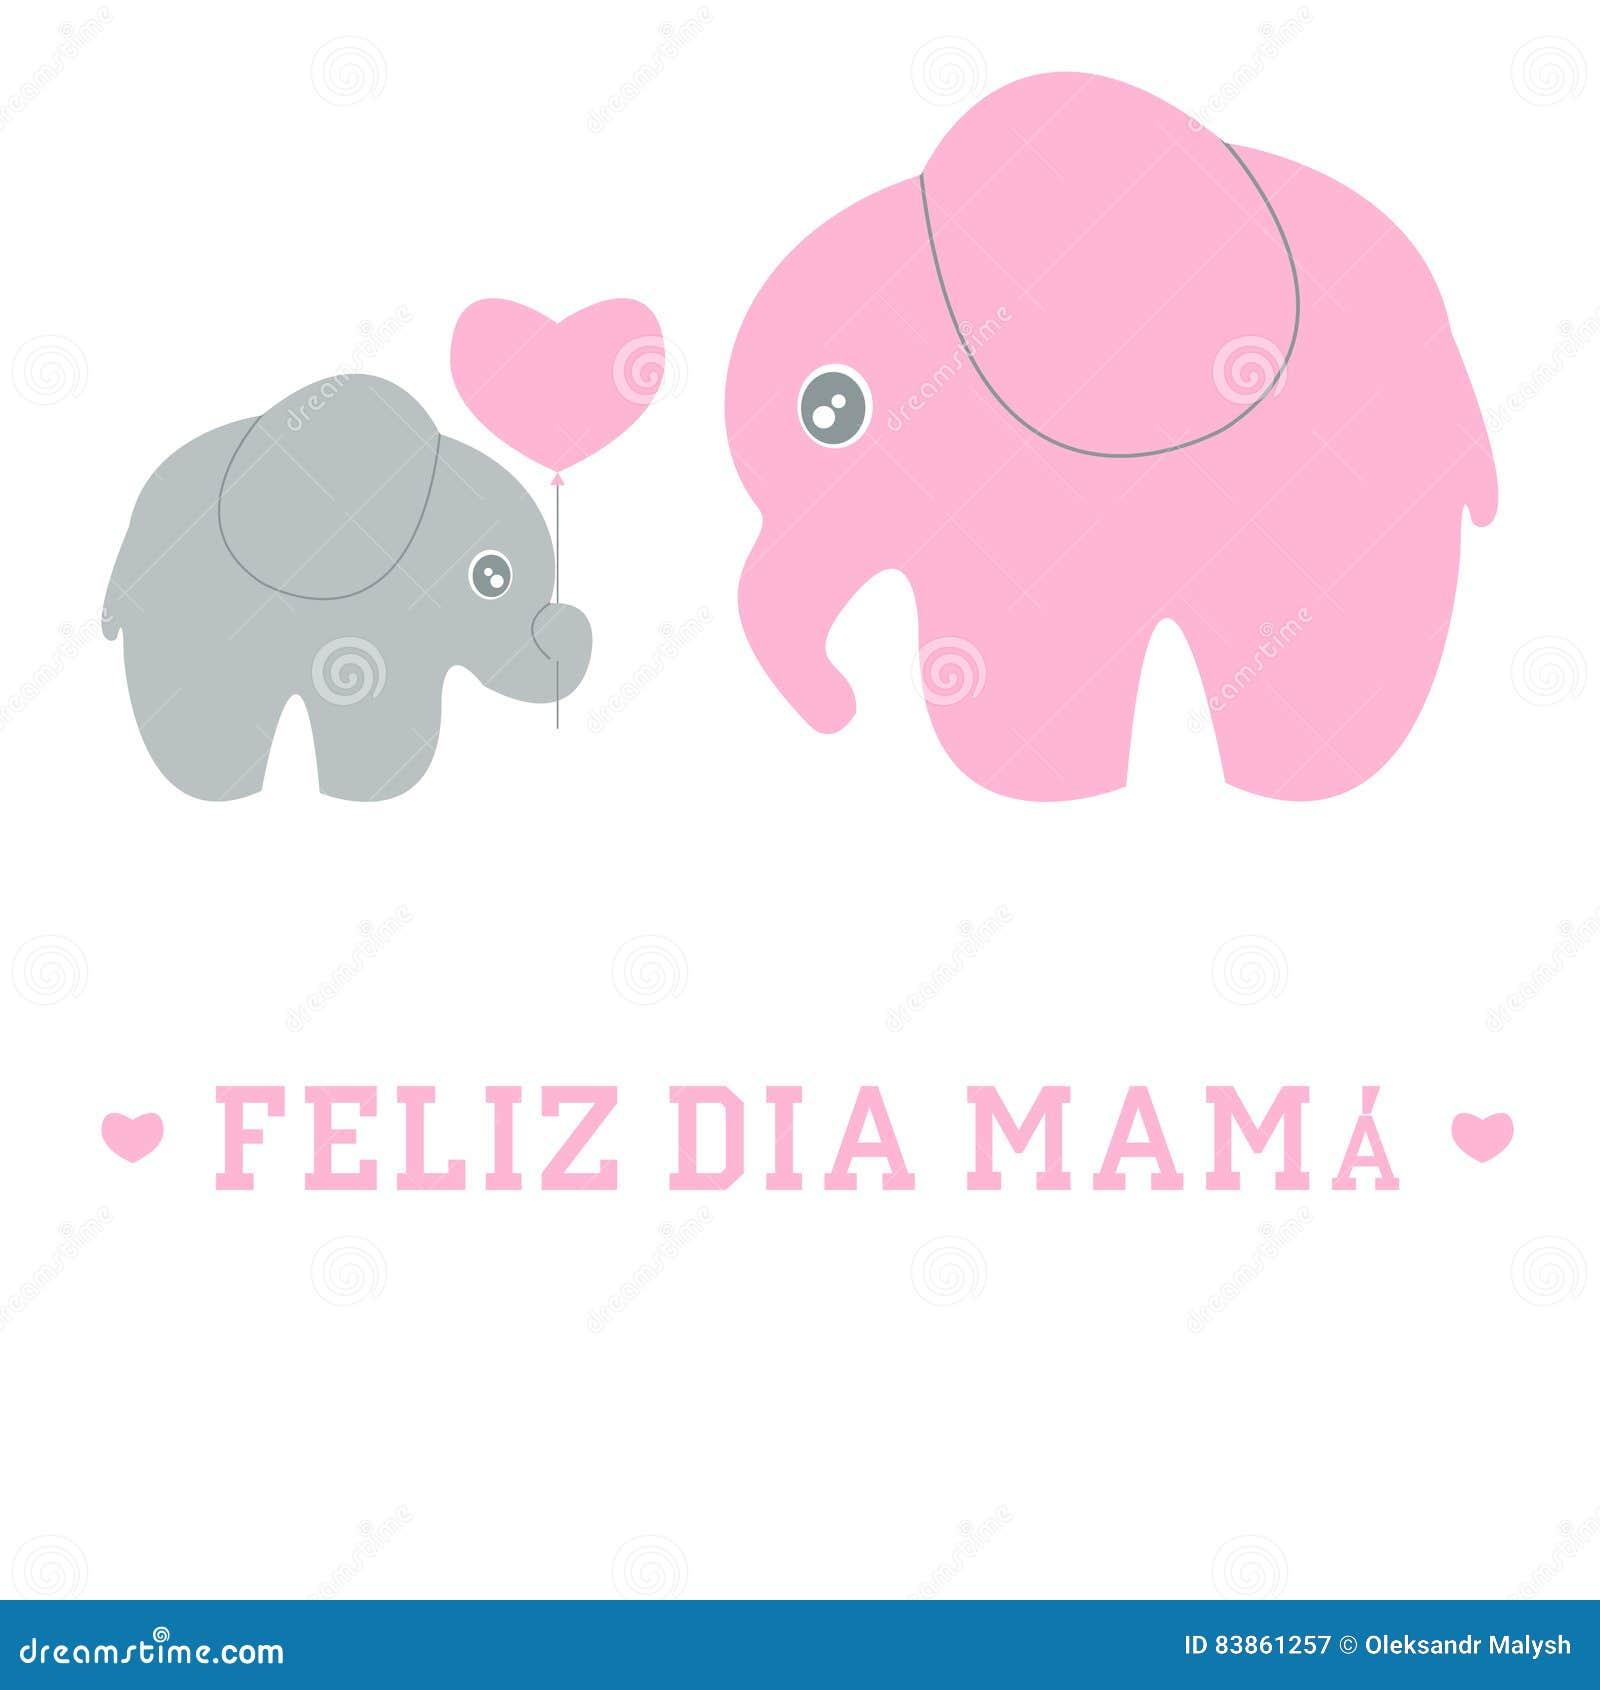 Cute cartoon baby and mom elephant Feliz dia mama spanish happy Mother ... Feliz Dia Mama